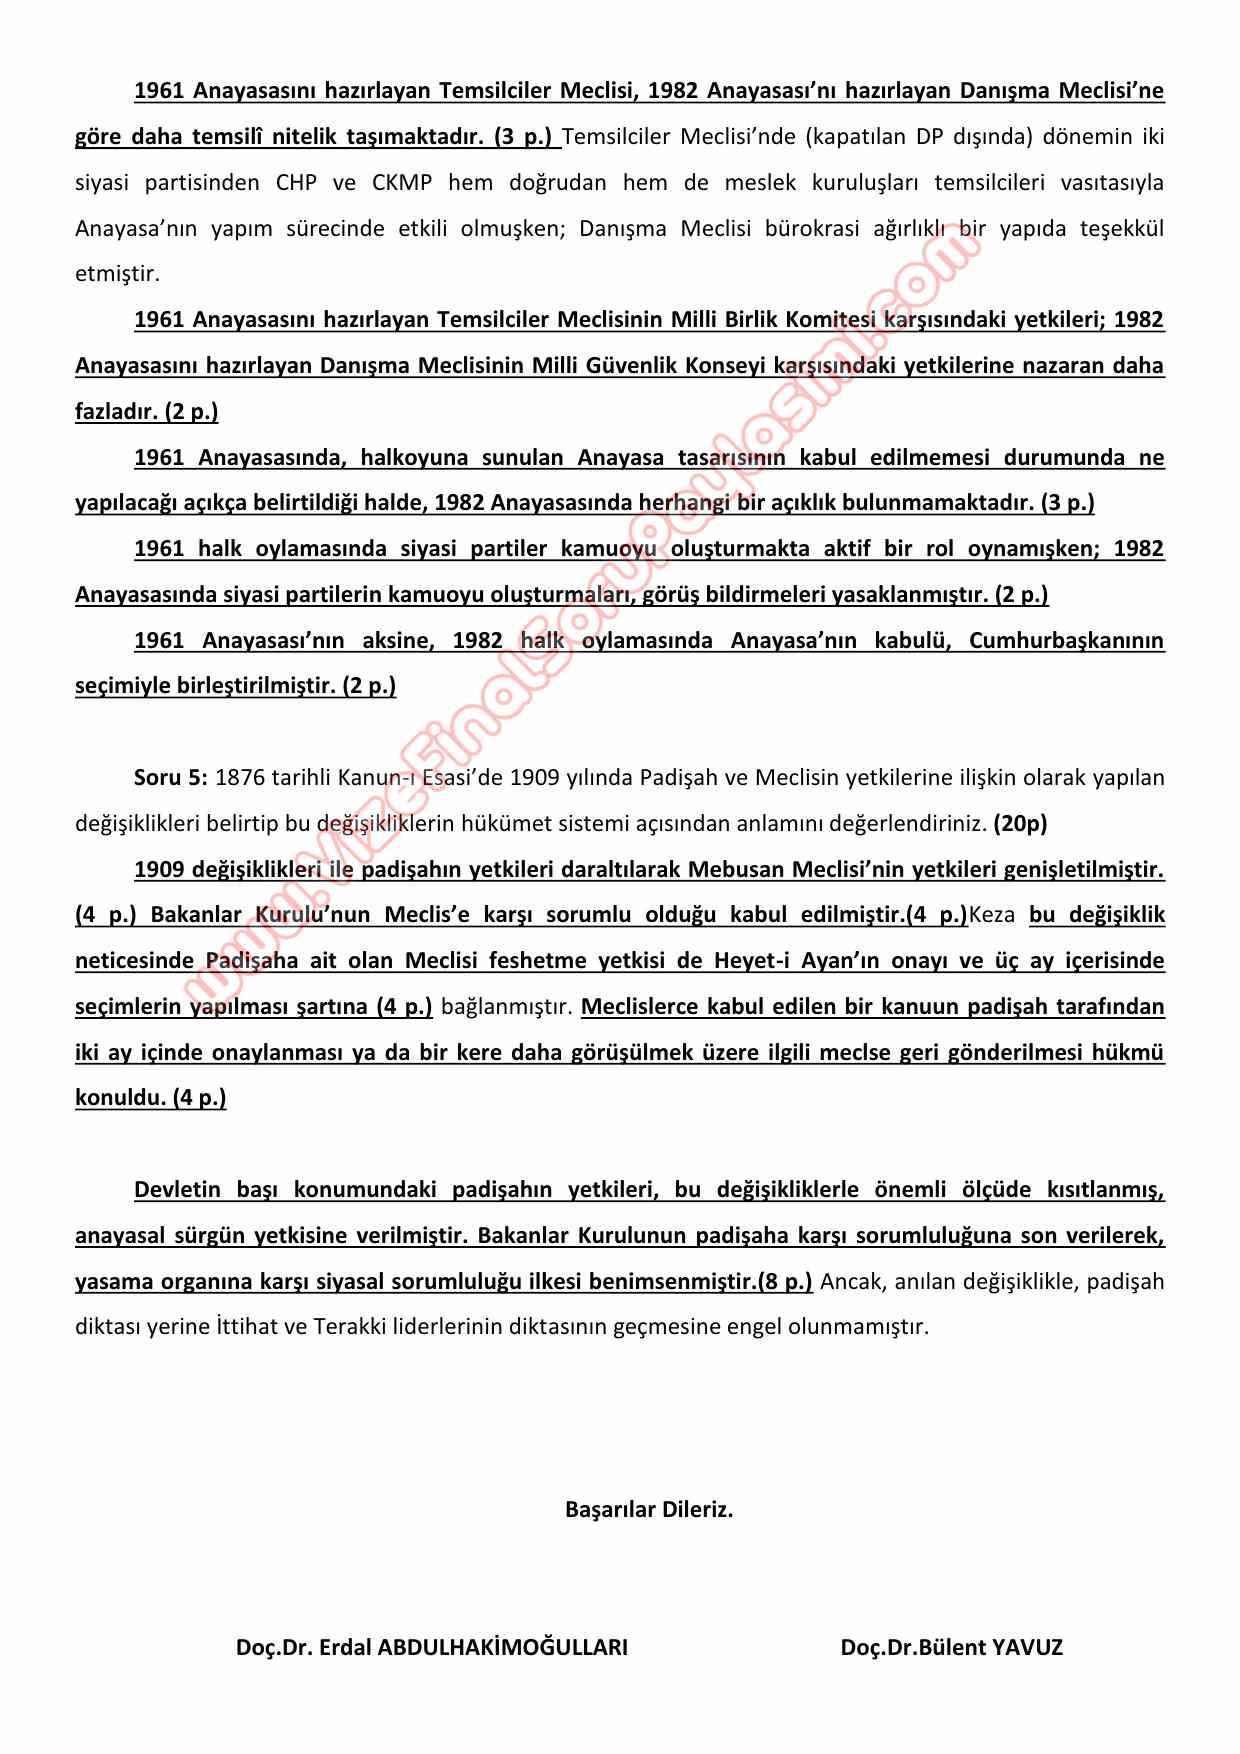 turk anayasa hukuku dersi vize sorulari ve cevaplari sayfa 3 vize ve final sorulari paylasim portali cozumlu sorular icin tiklayin